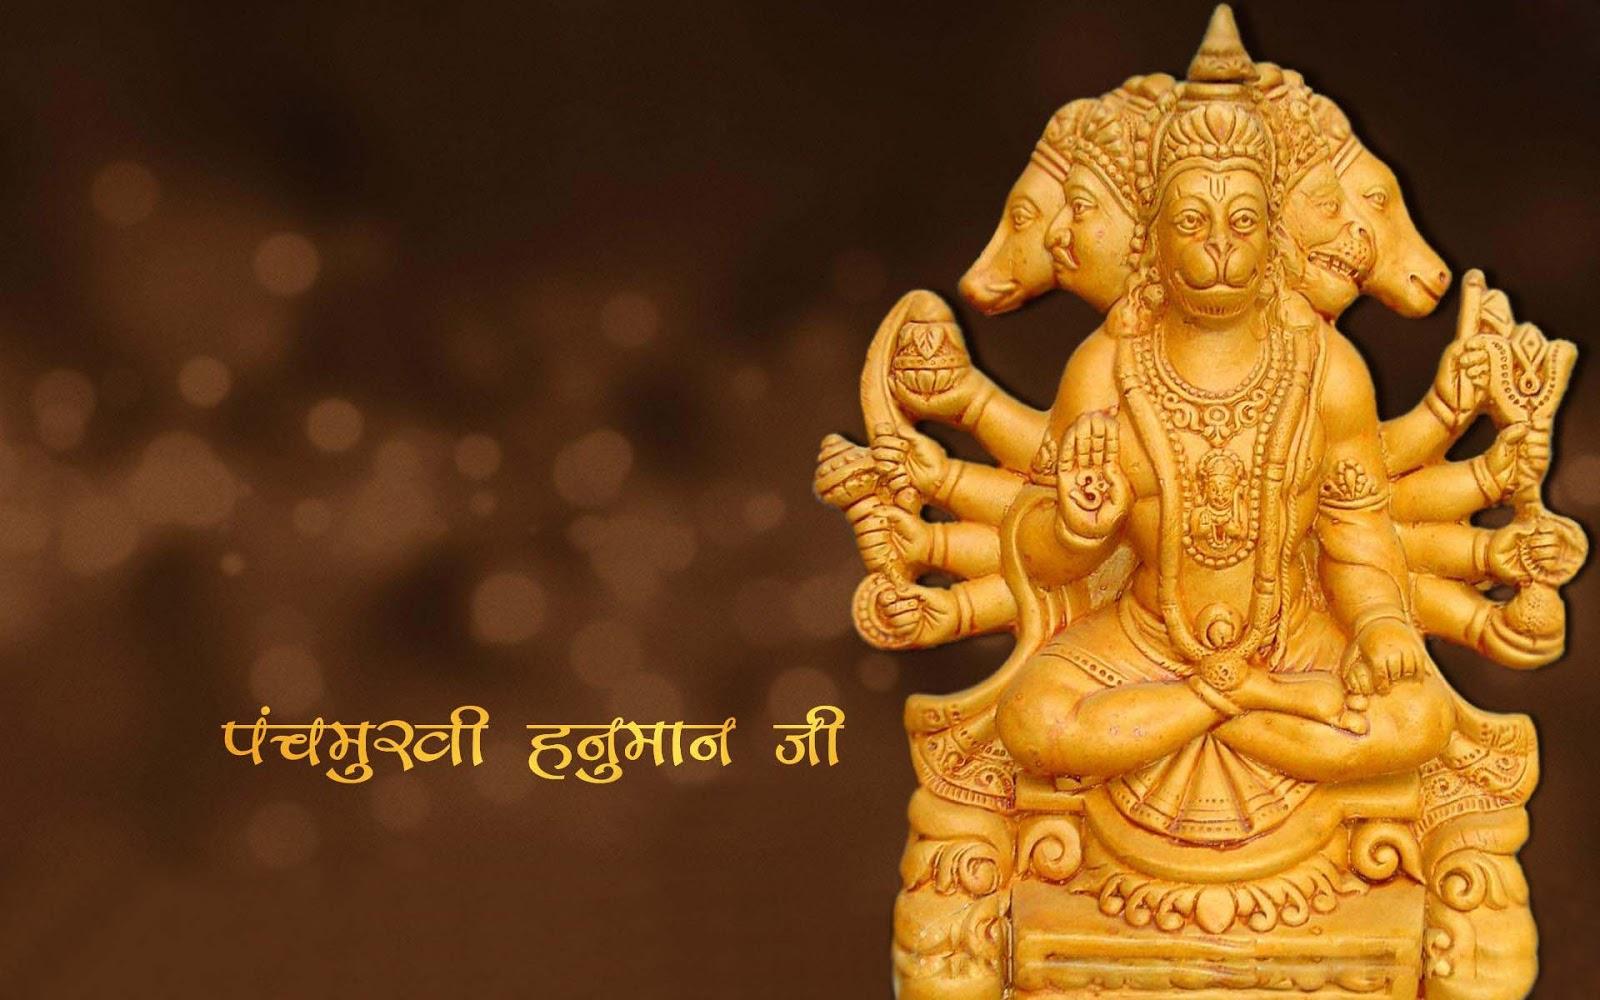 New full hd images of hanumanji free download love images of love - Panchmukhi hanuman image ...